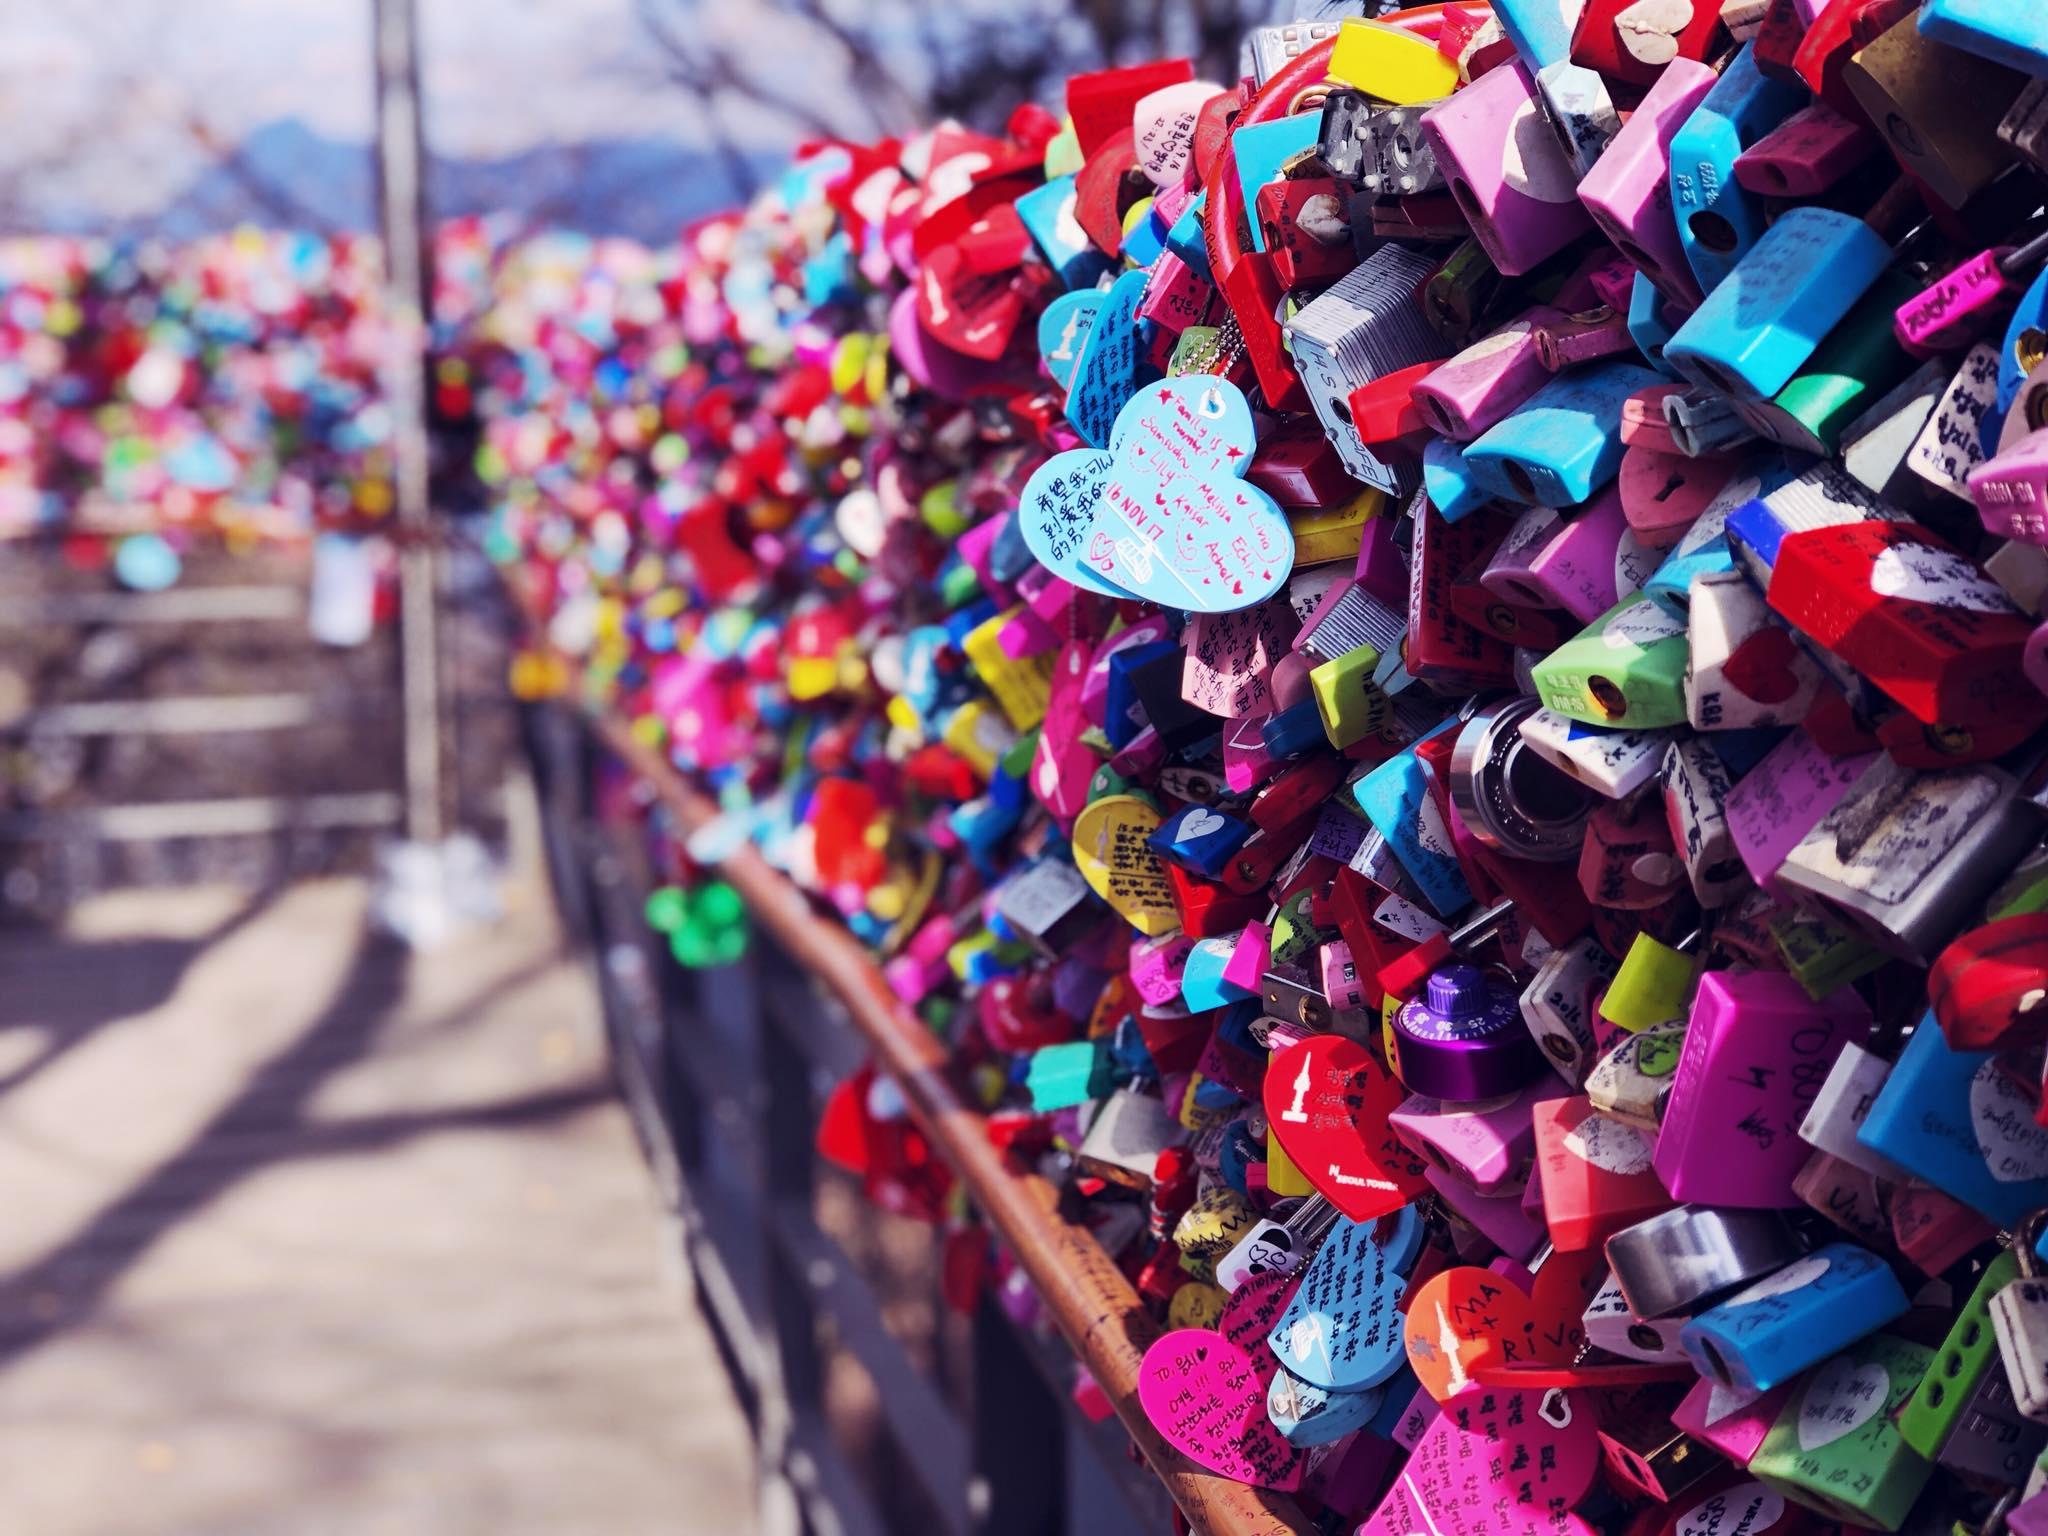 cầu khóa tình yêu gần tháp namsan